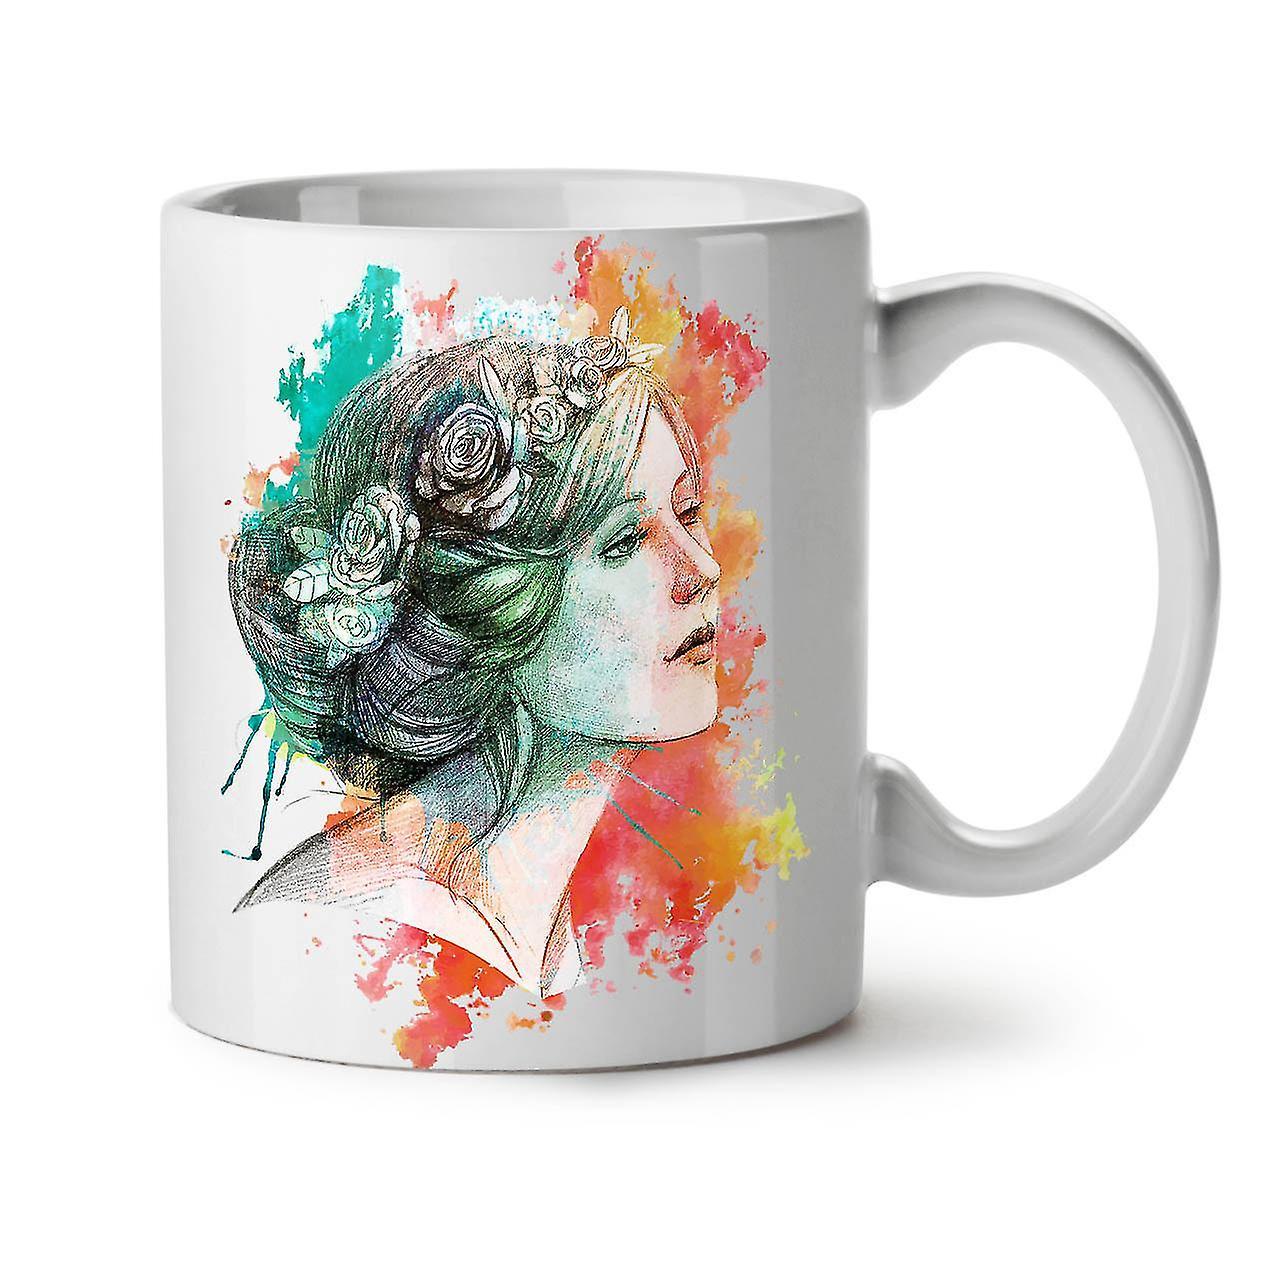 Blanc Femme Tasse Cool OzWellcoda Café Peinture Nouveau Céramique 11 Thé Y7gy6bf